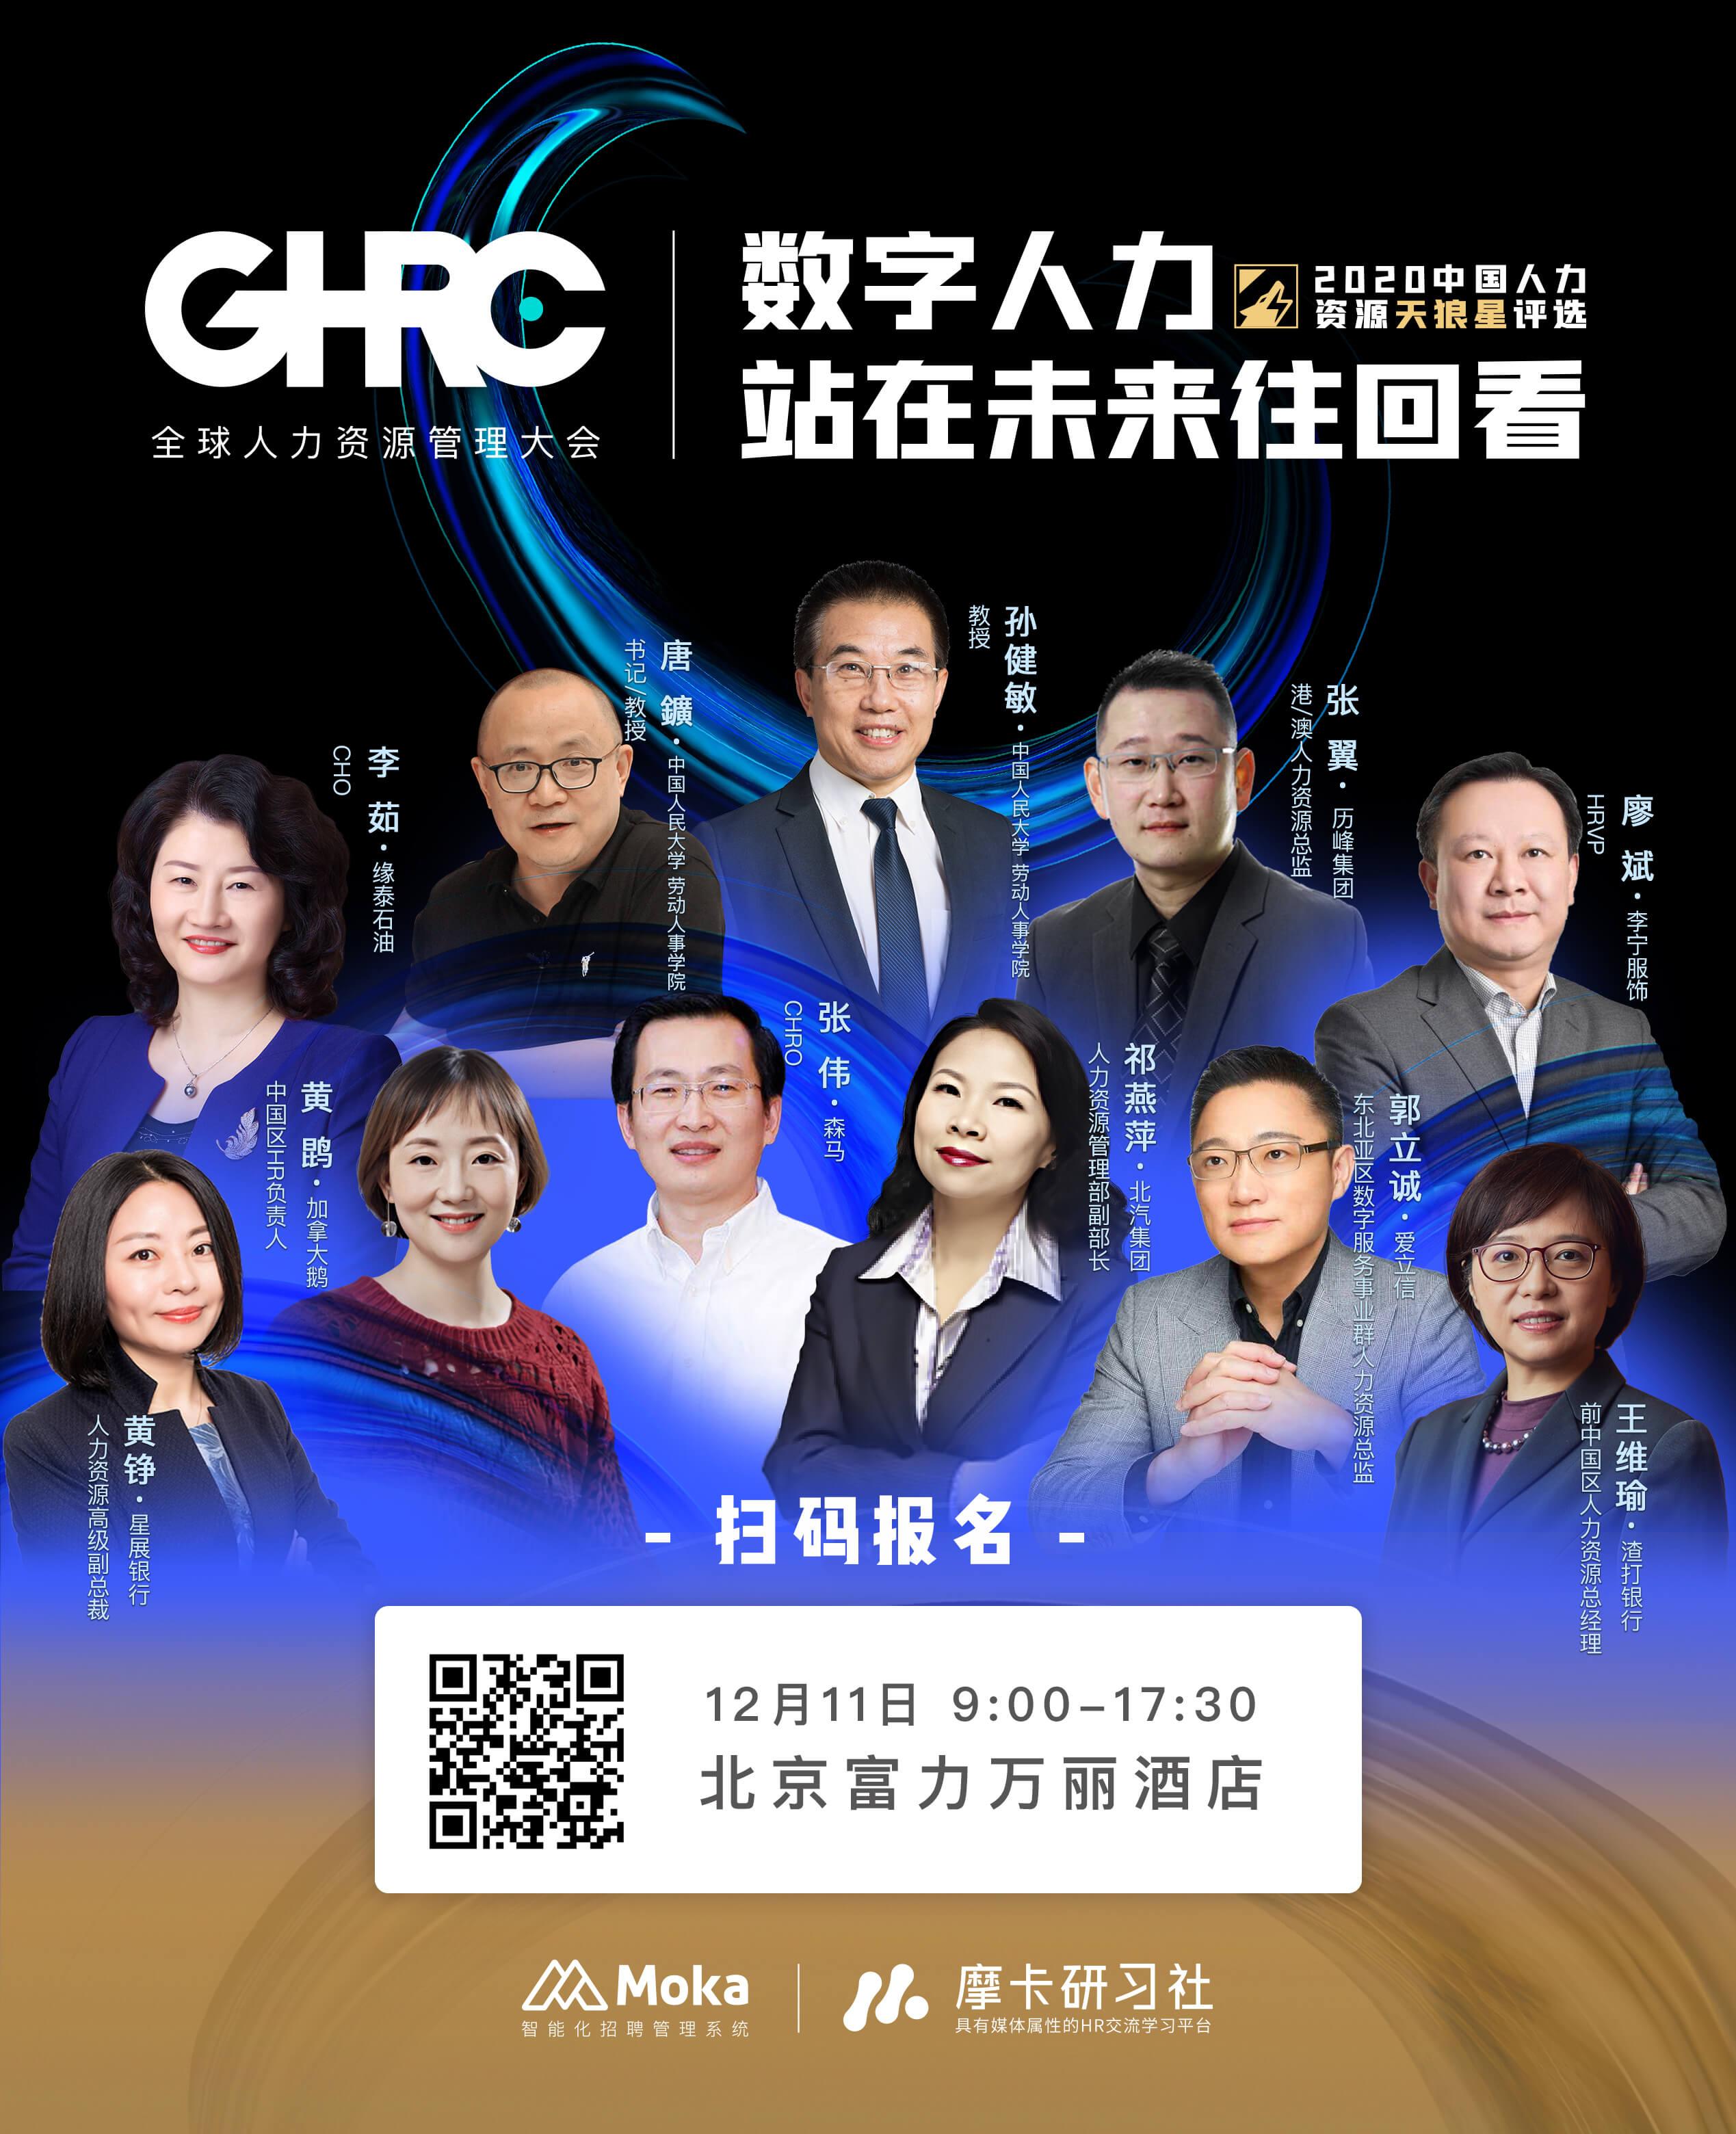 """报名!""""GHRC · 2020全球人力资源管理大会""""正式启动,亮点提前看!-Moka智能化招聘系统"""